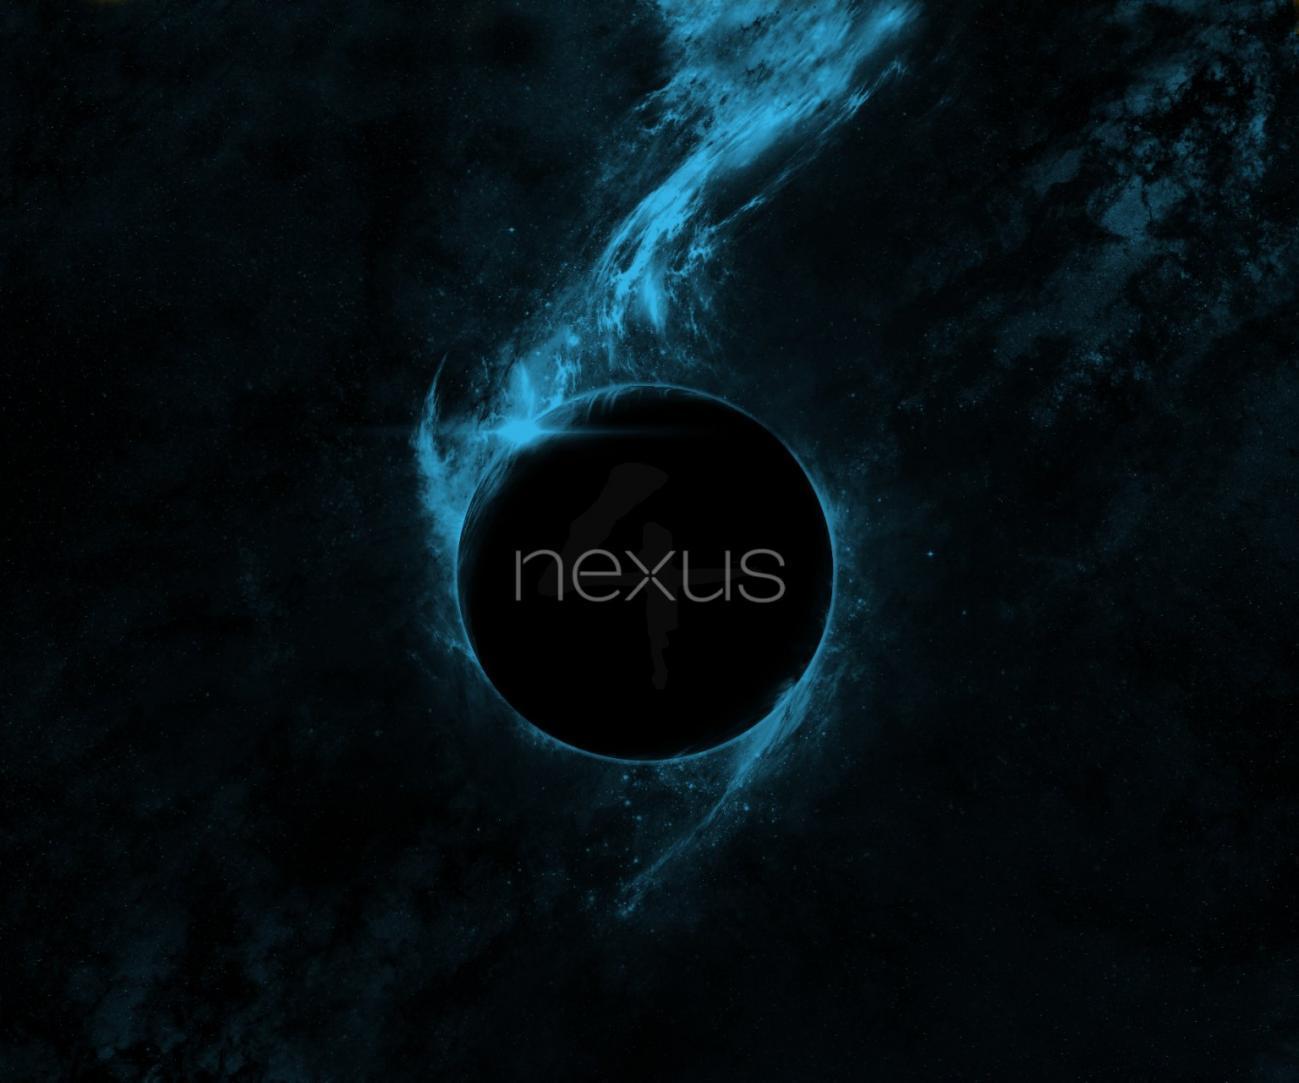 Wallpapers For Nexus